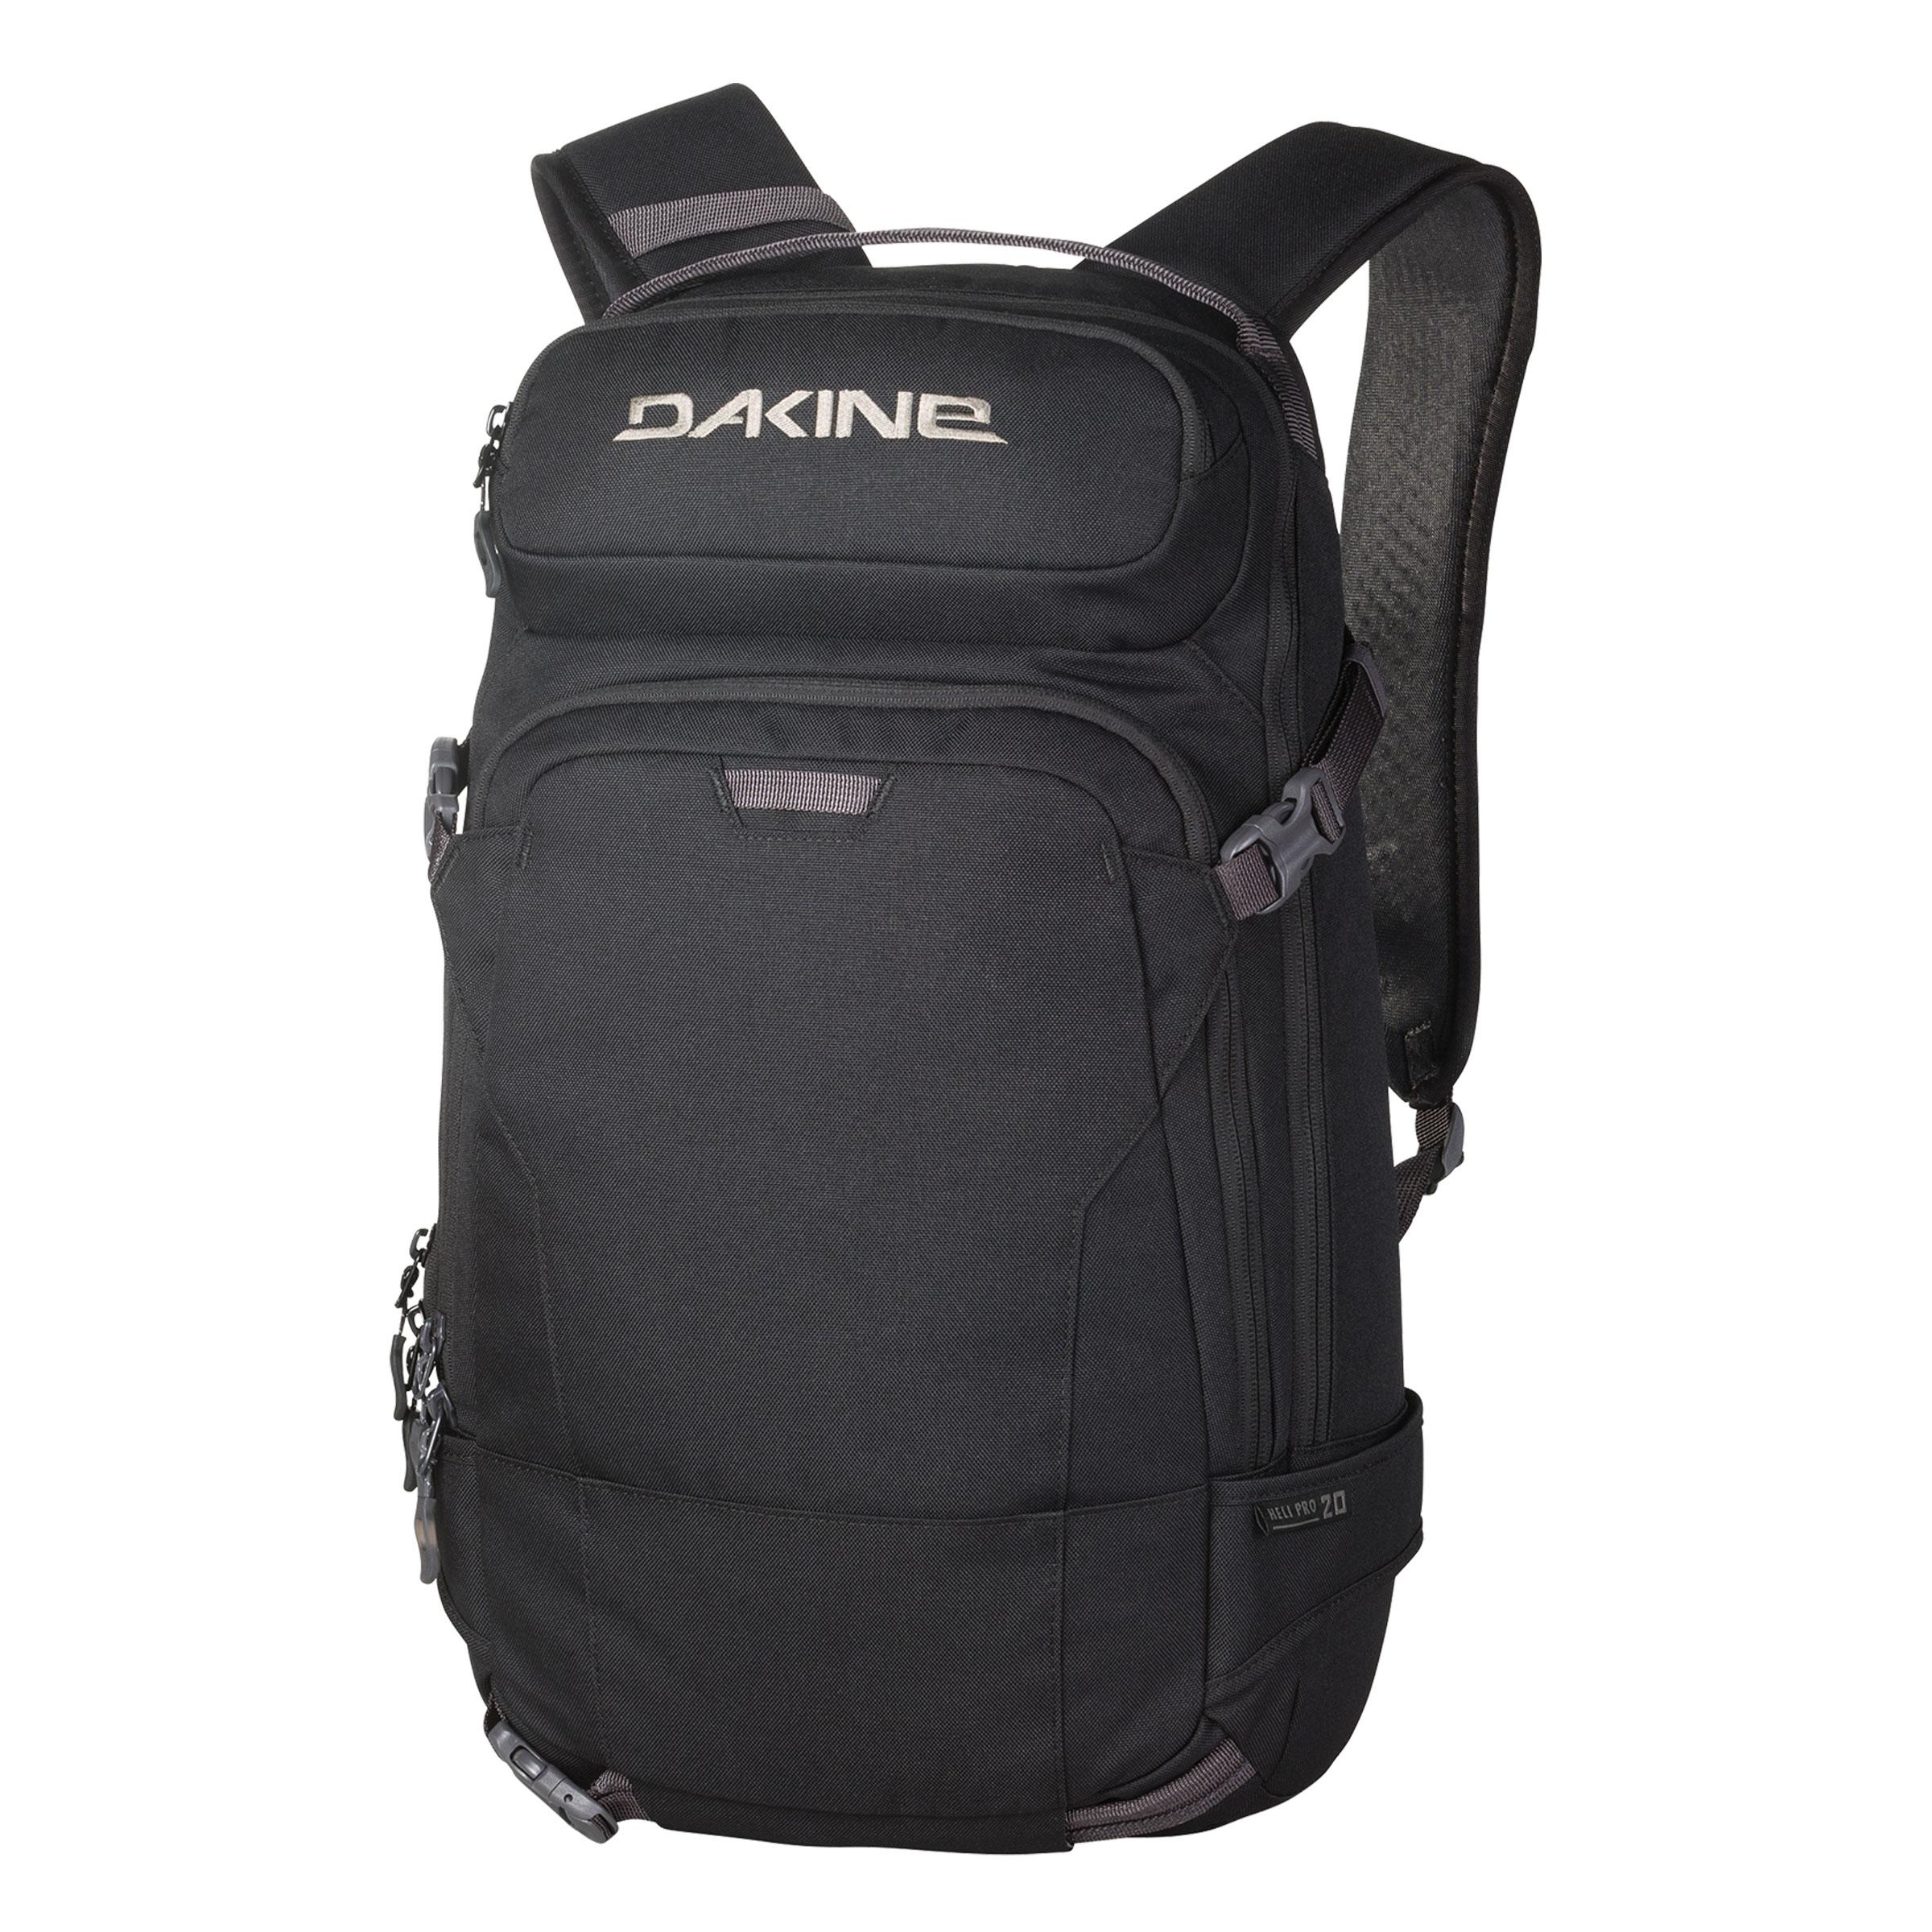 e6223ba4913 Dakine Skate Backpack | The Shred Centre